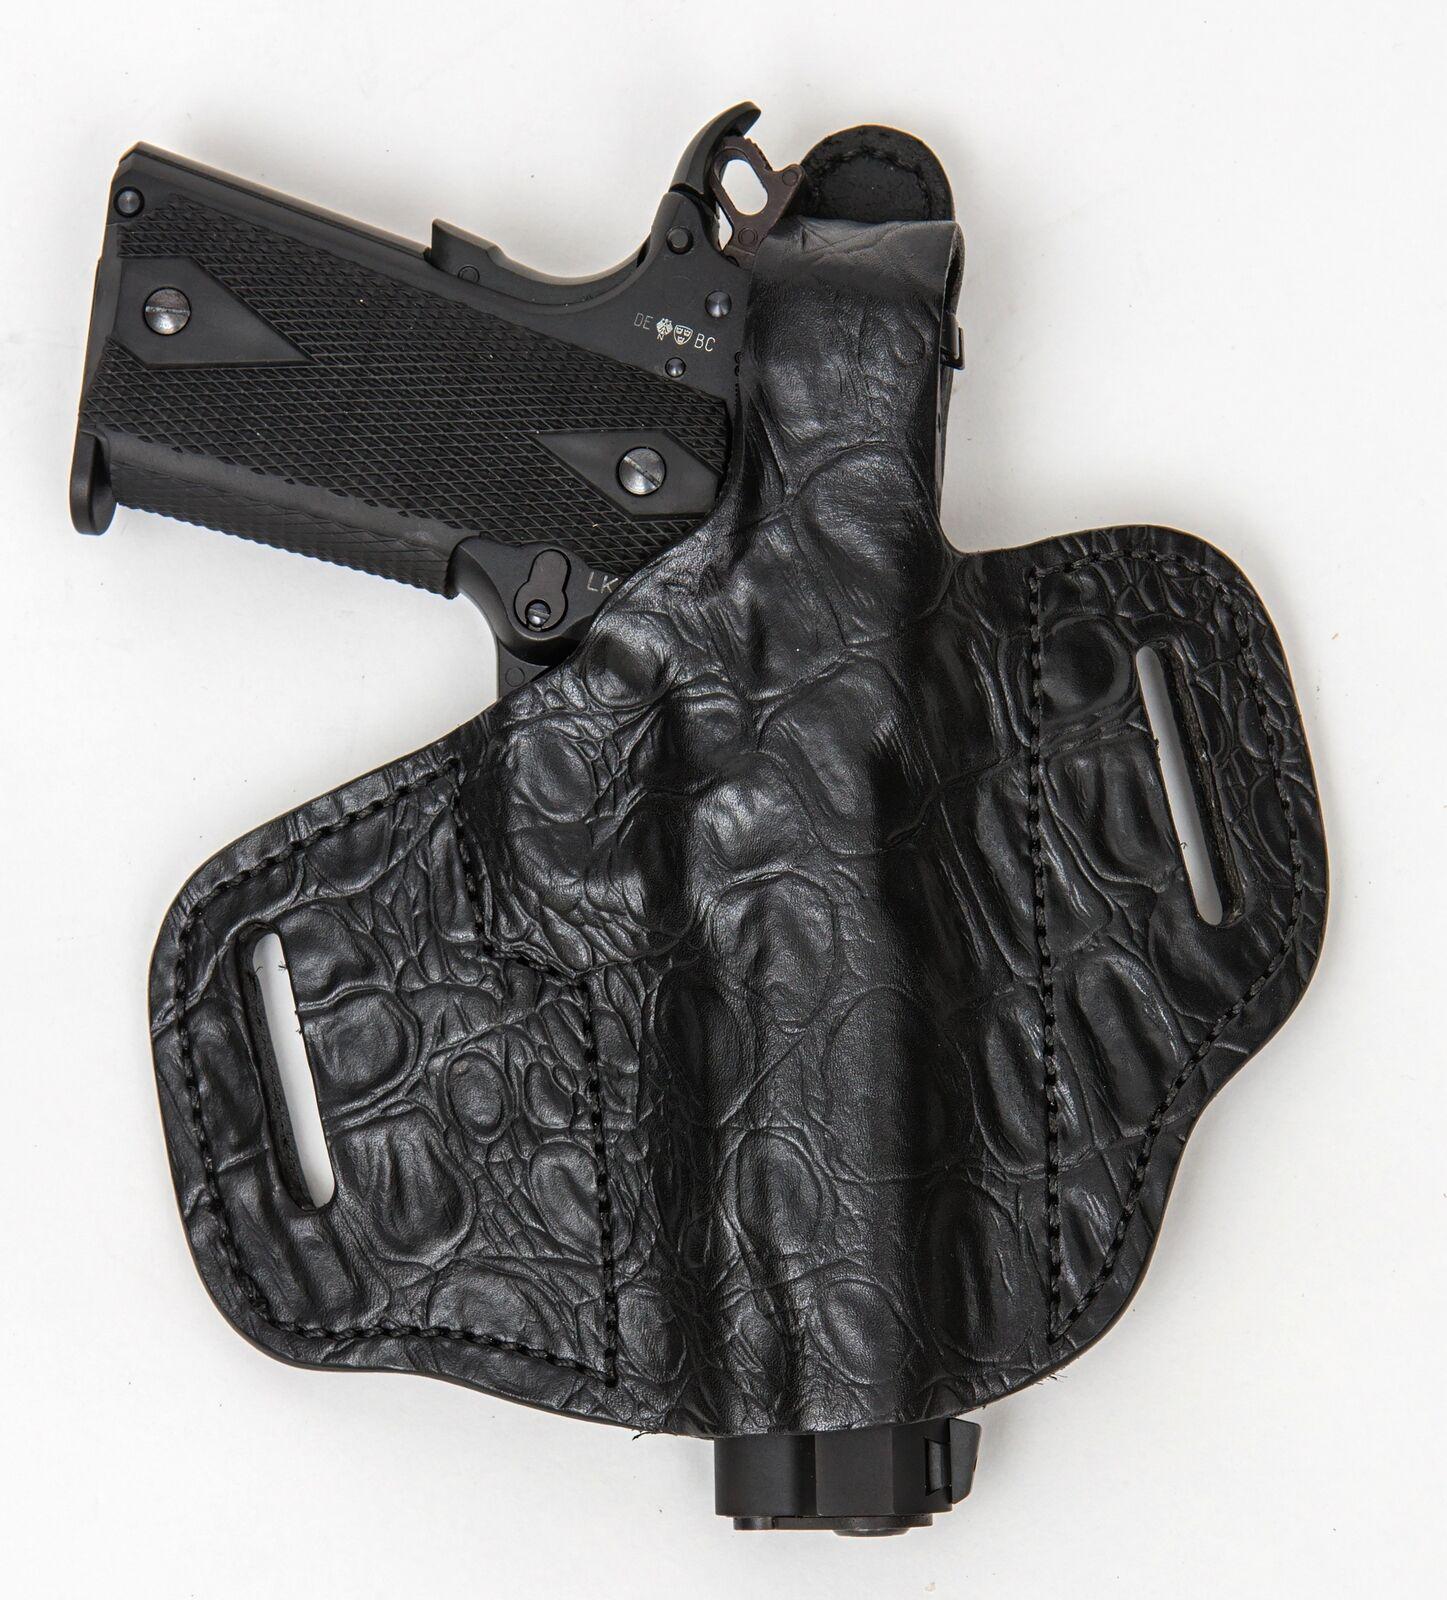 On Duty Conceal RH LH OWB OWB OWB Leder Gun Holster For 1911 5